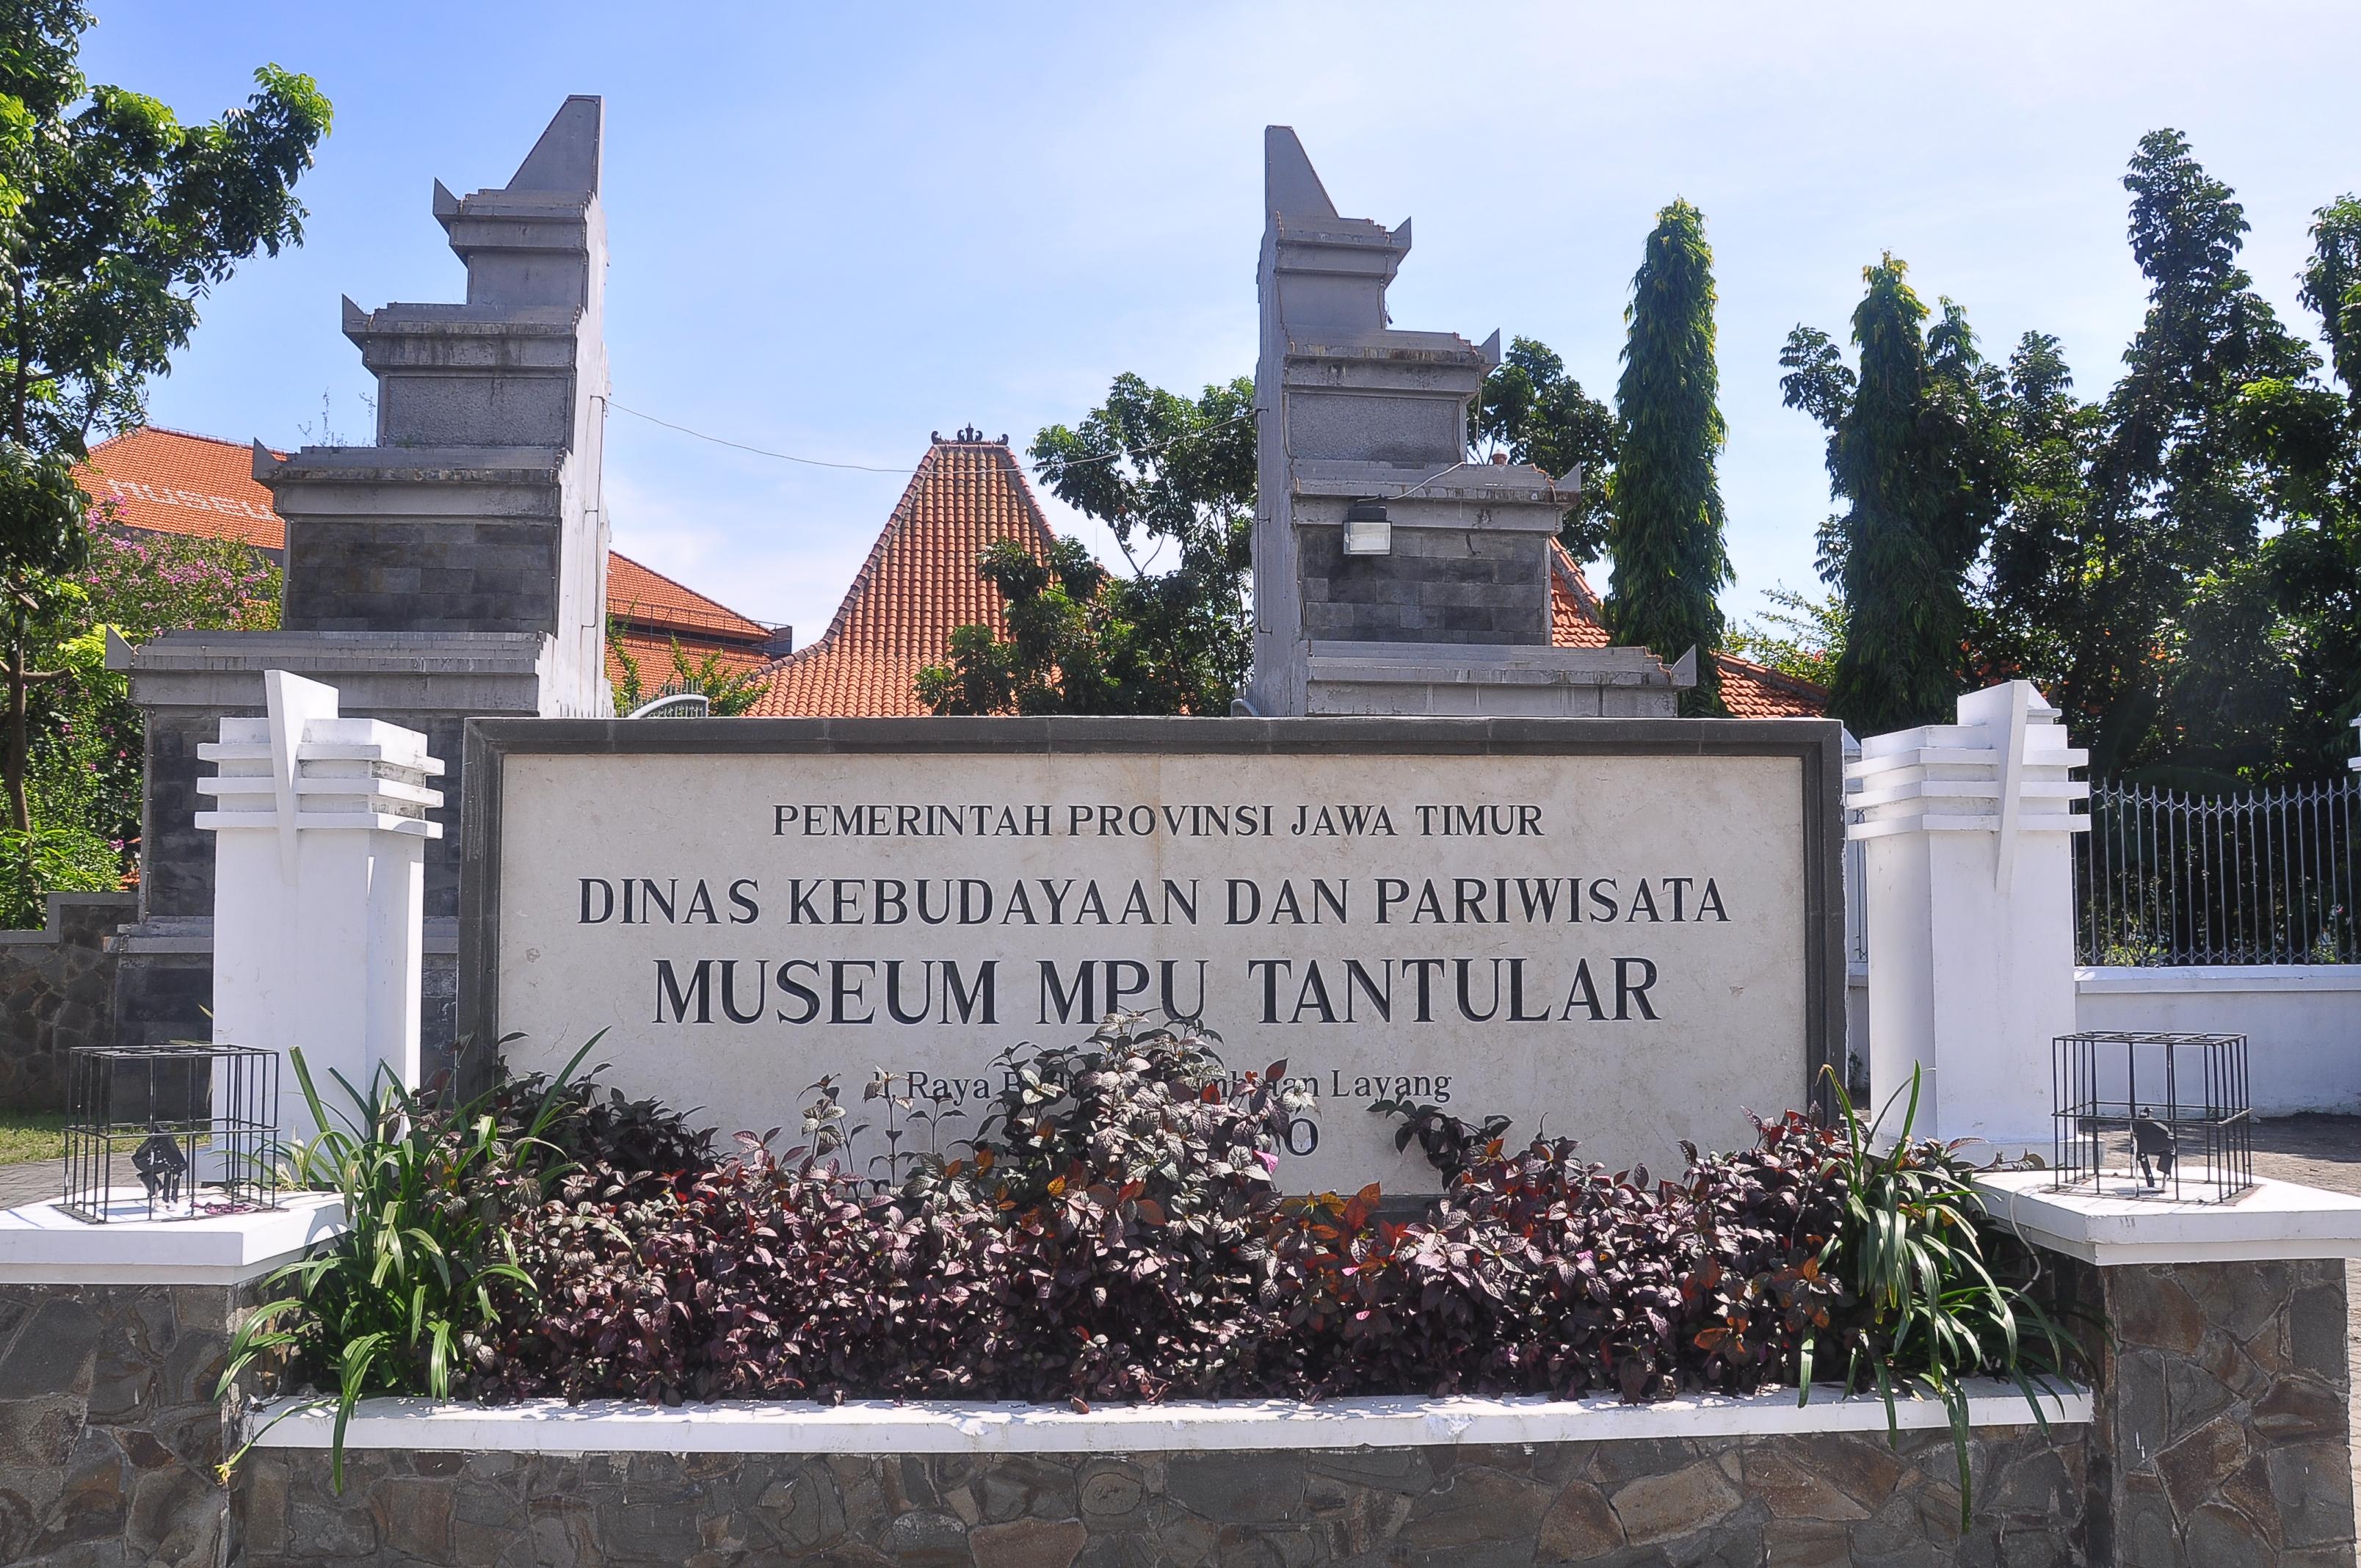 Museum Mpu Tantular Nur Abidatul Terdapat Jl Raya Buduran Kec